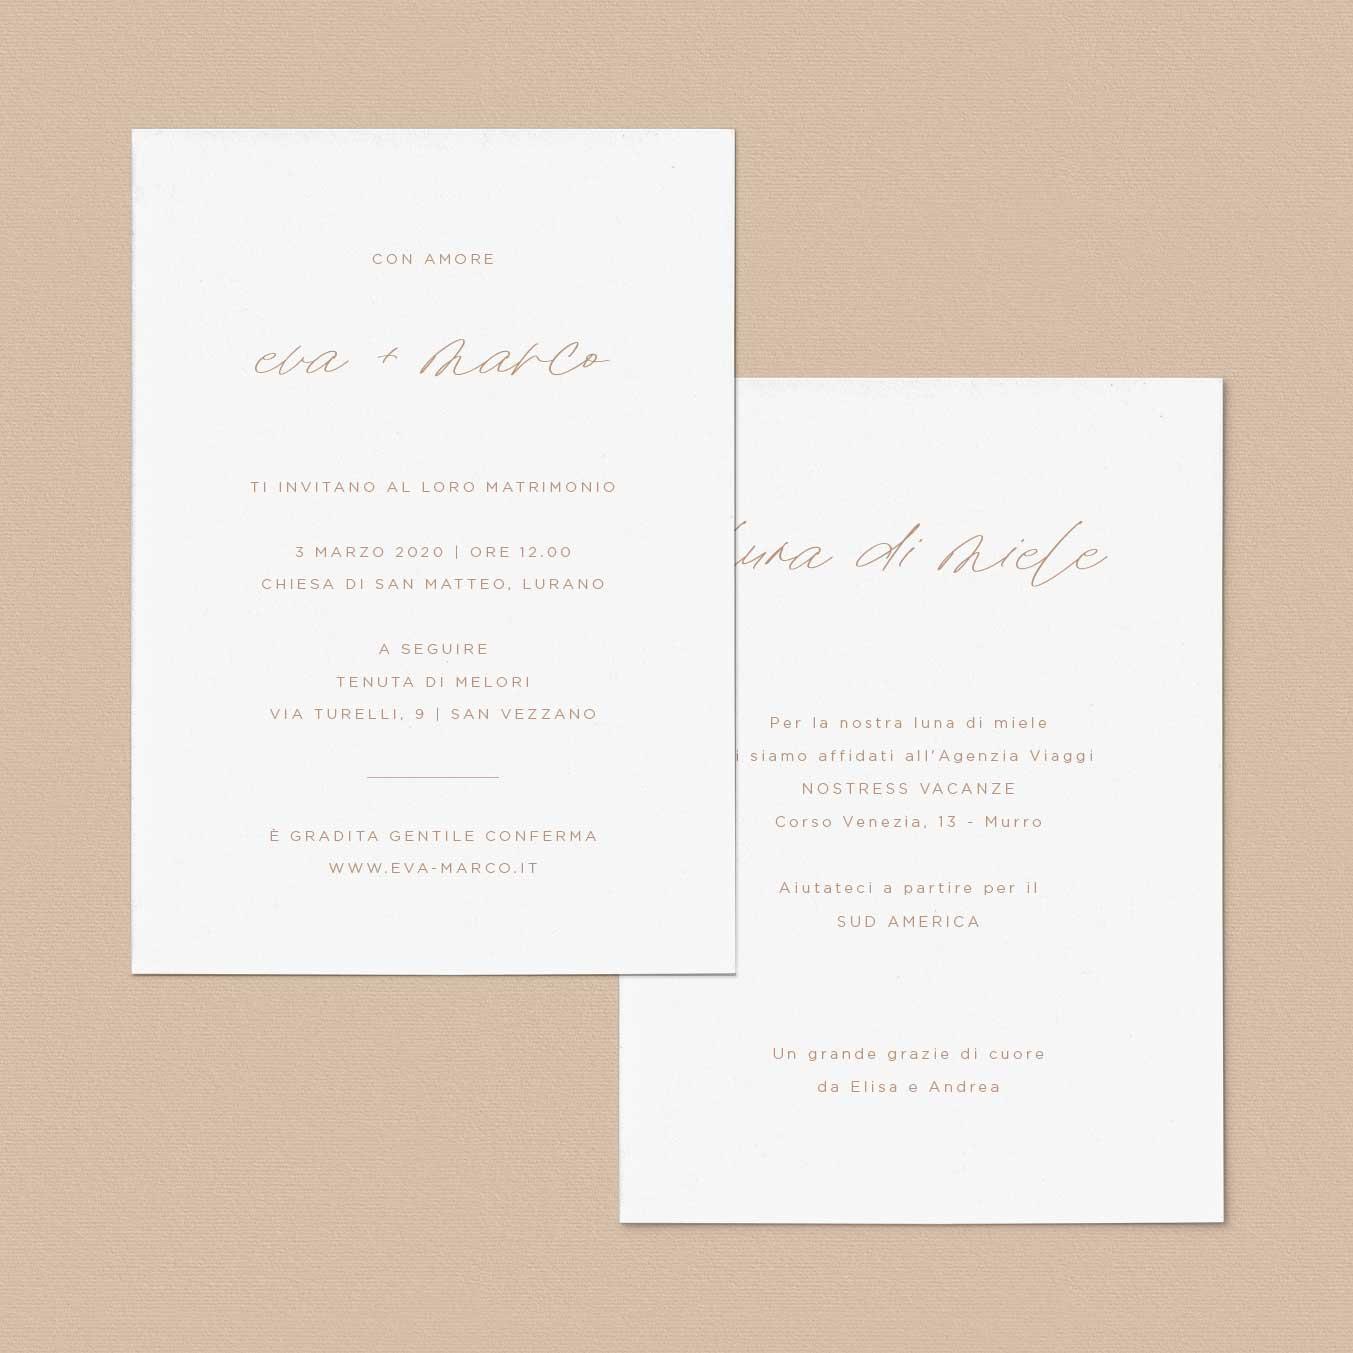 Inviti-partecipazioni-2020-scritte-a-mano-moderno-calligrafico-esempi-modelli-catalogo-total-white-semplice